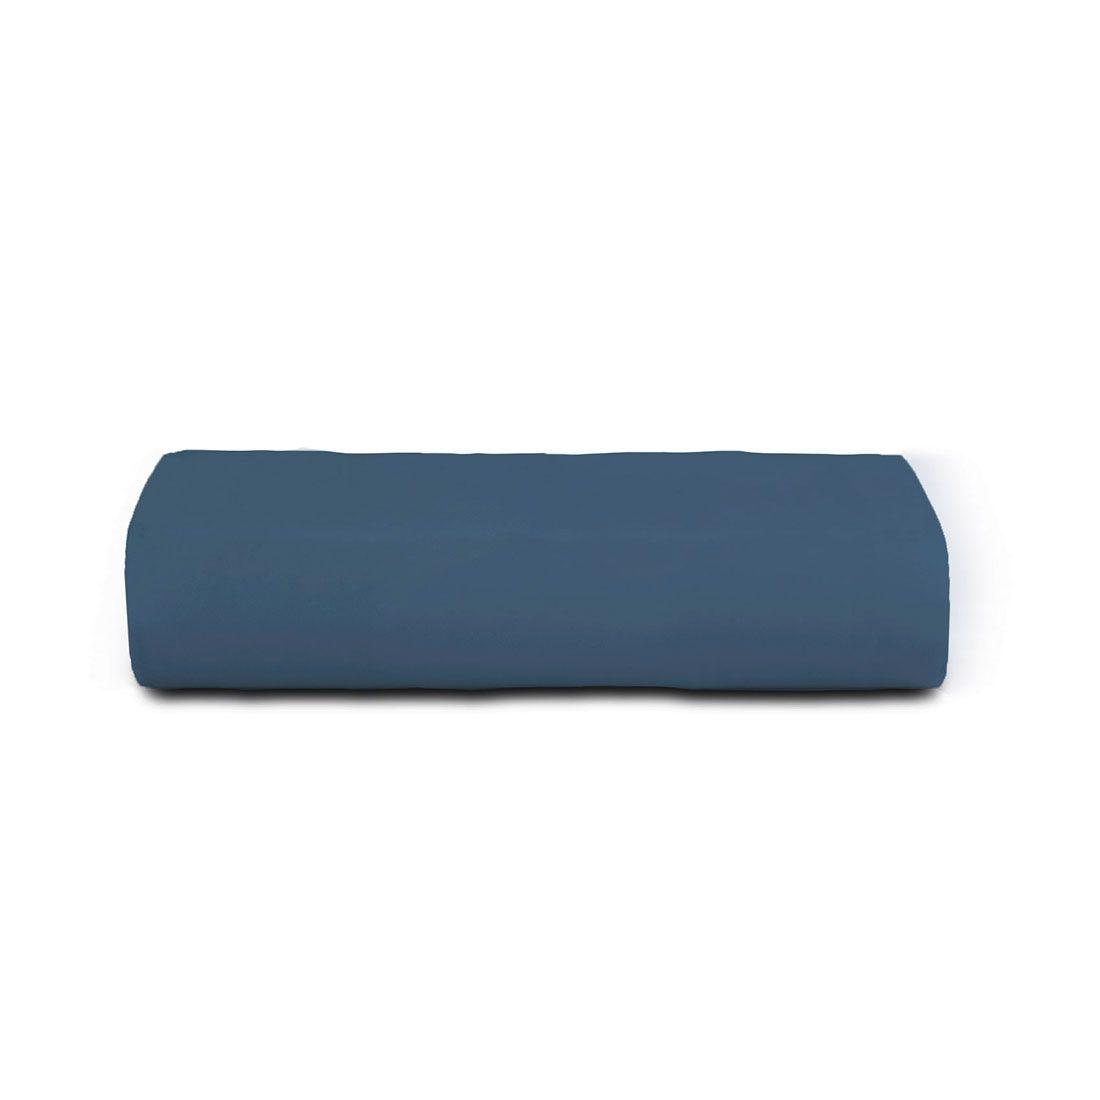 Lençol de Elástico Toque Acetinado Azul Altenburg